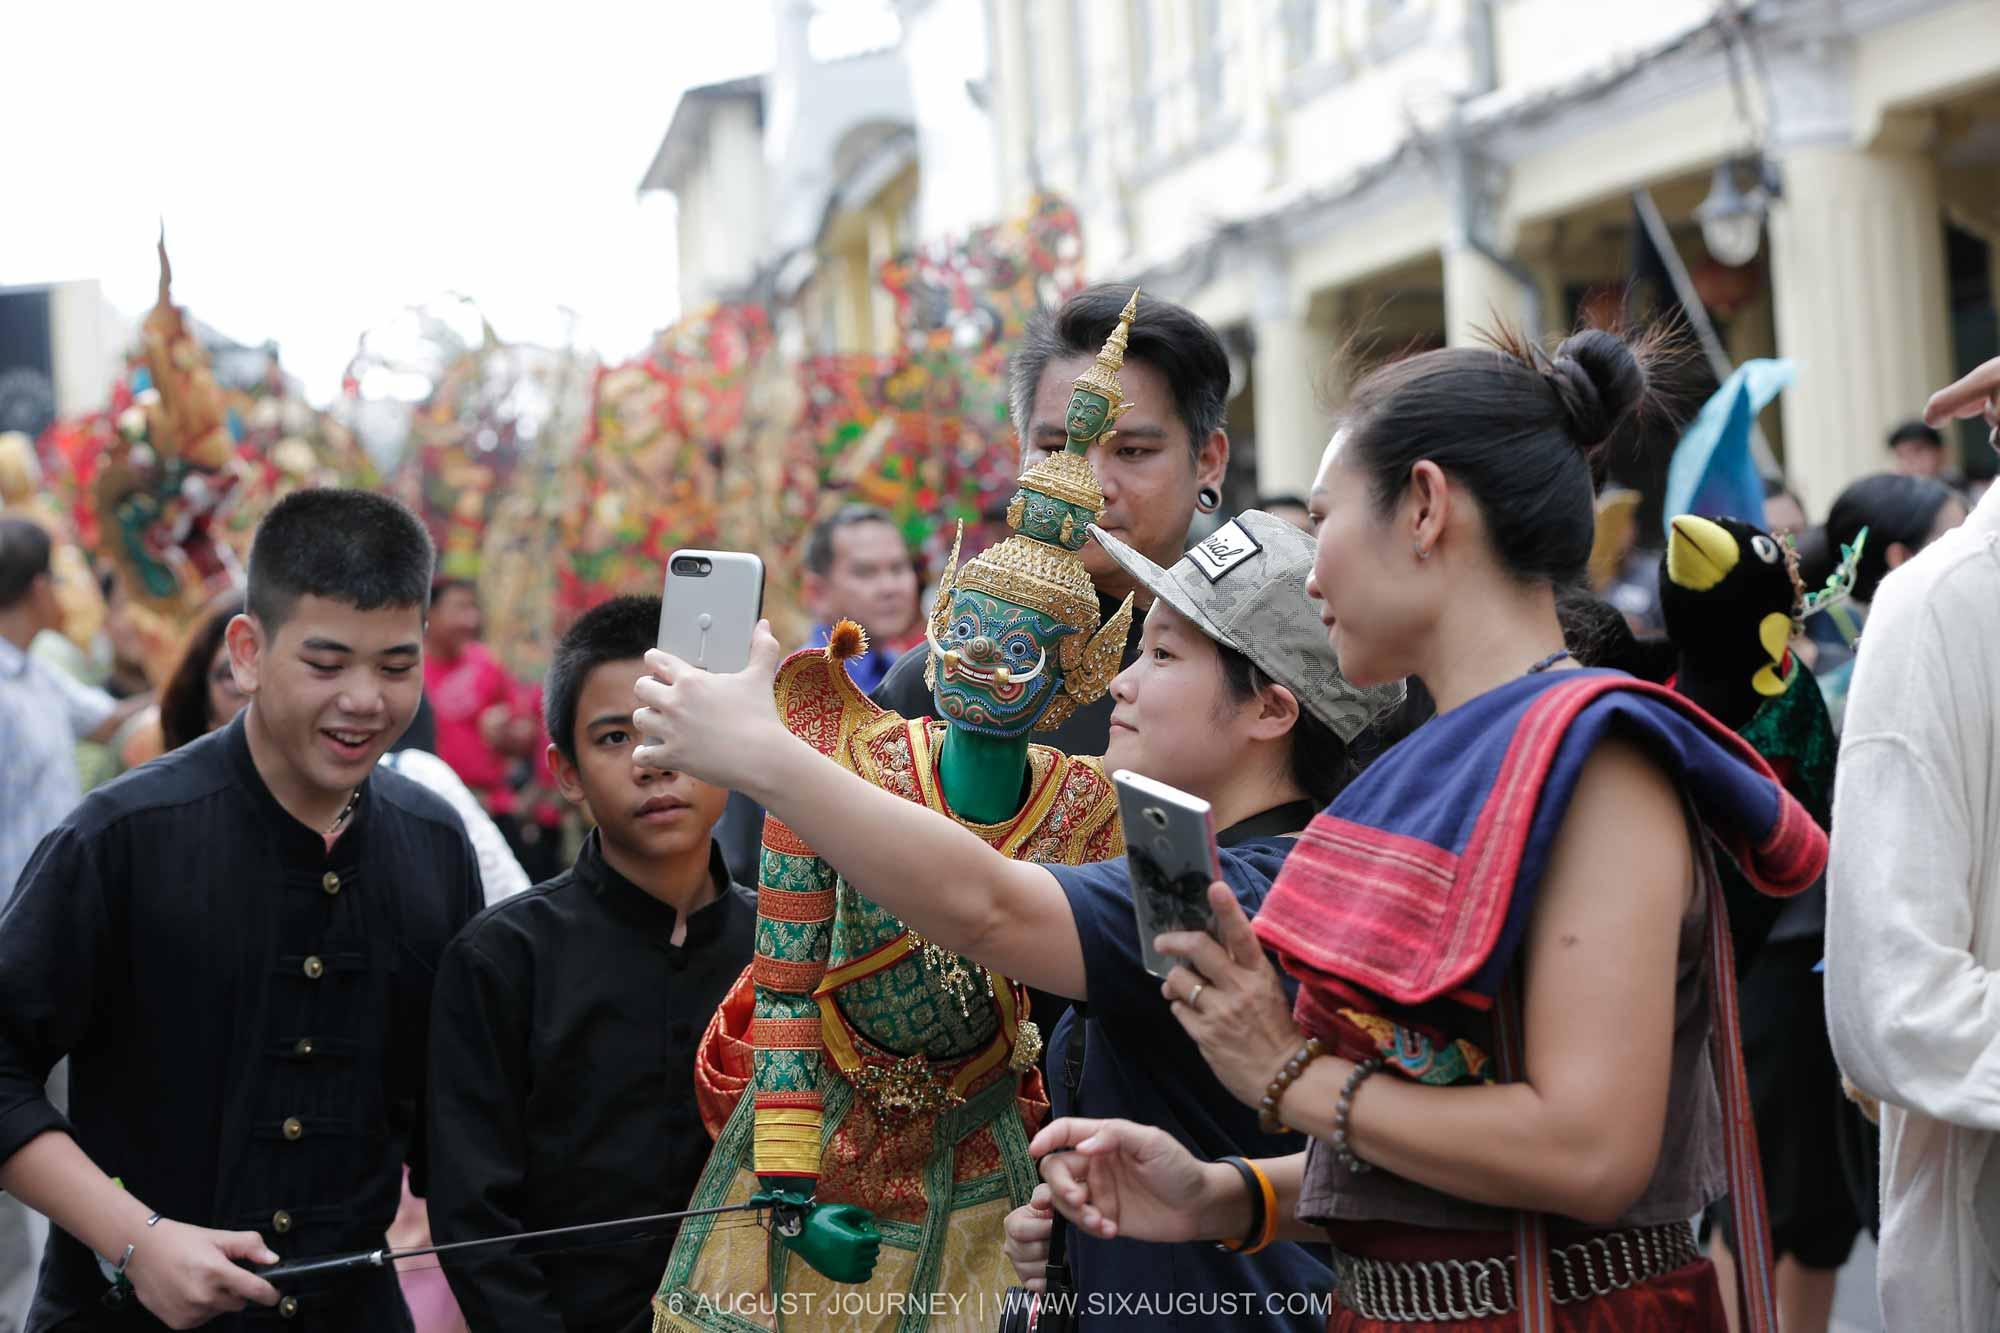 ขอถ่ายรูปกับทศกัณฑ์ เทศกาลหุ่นโลกภูเก็ต